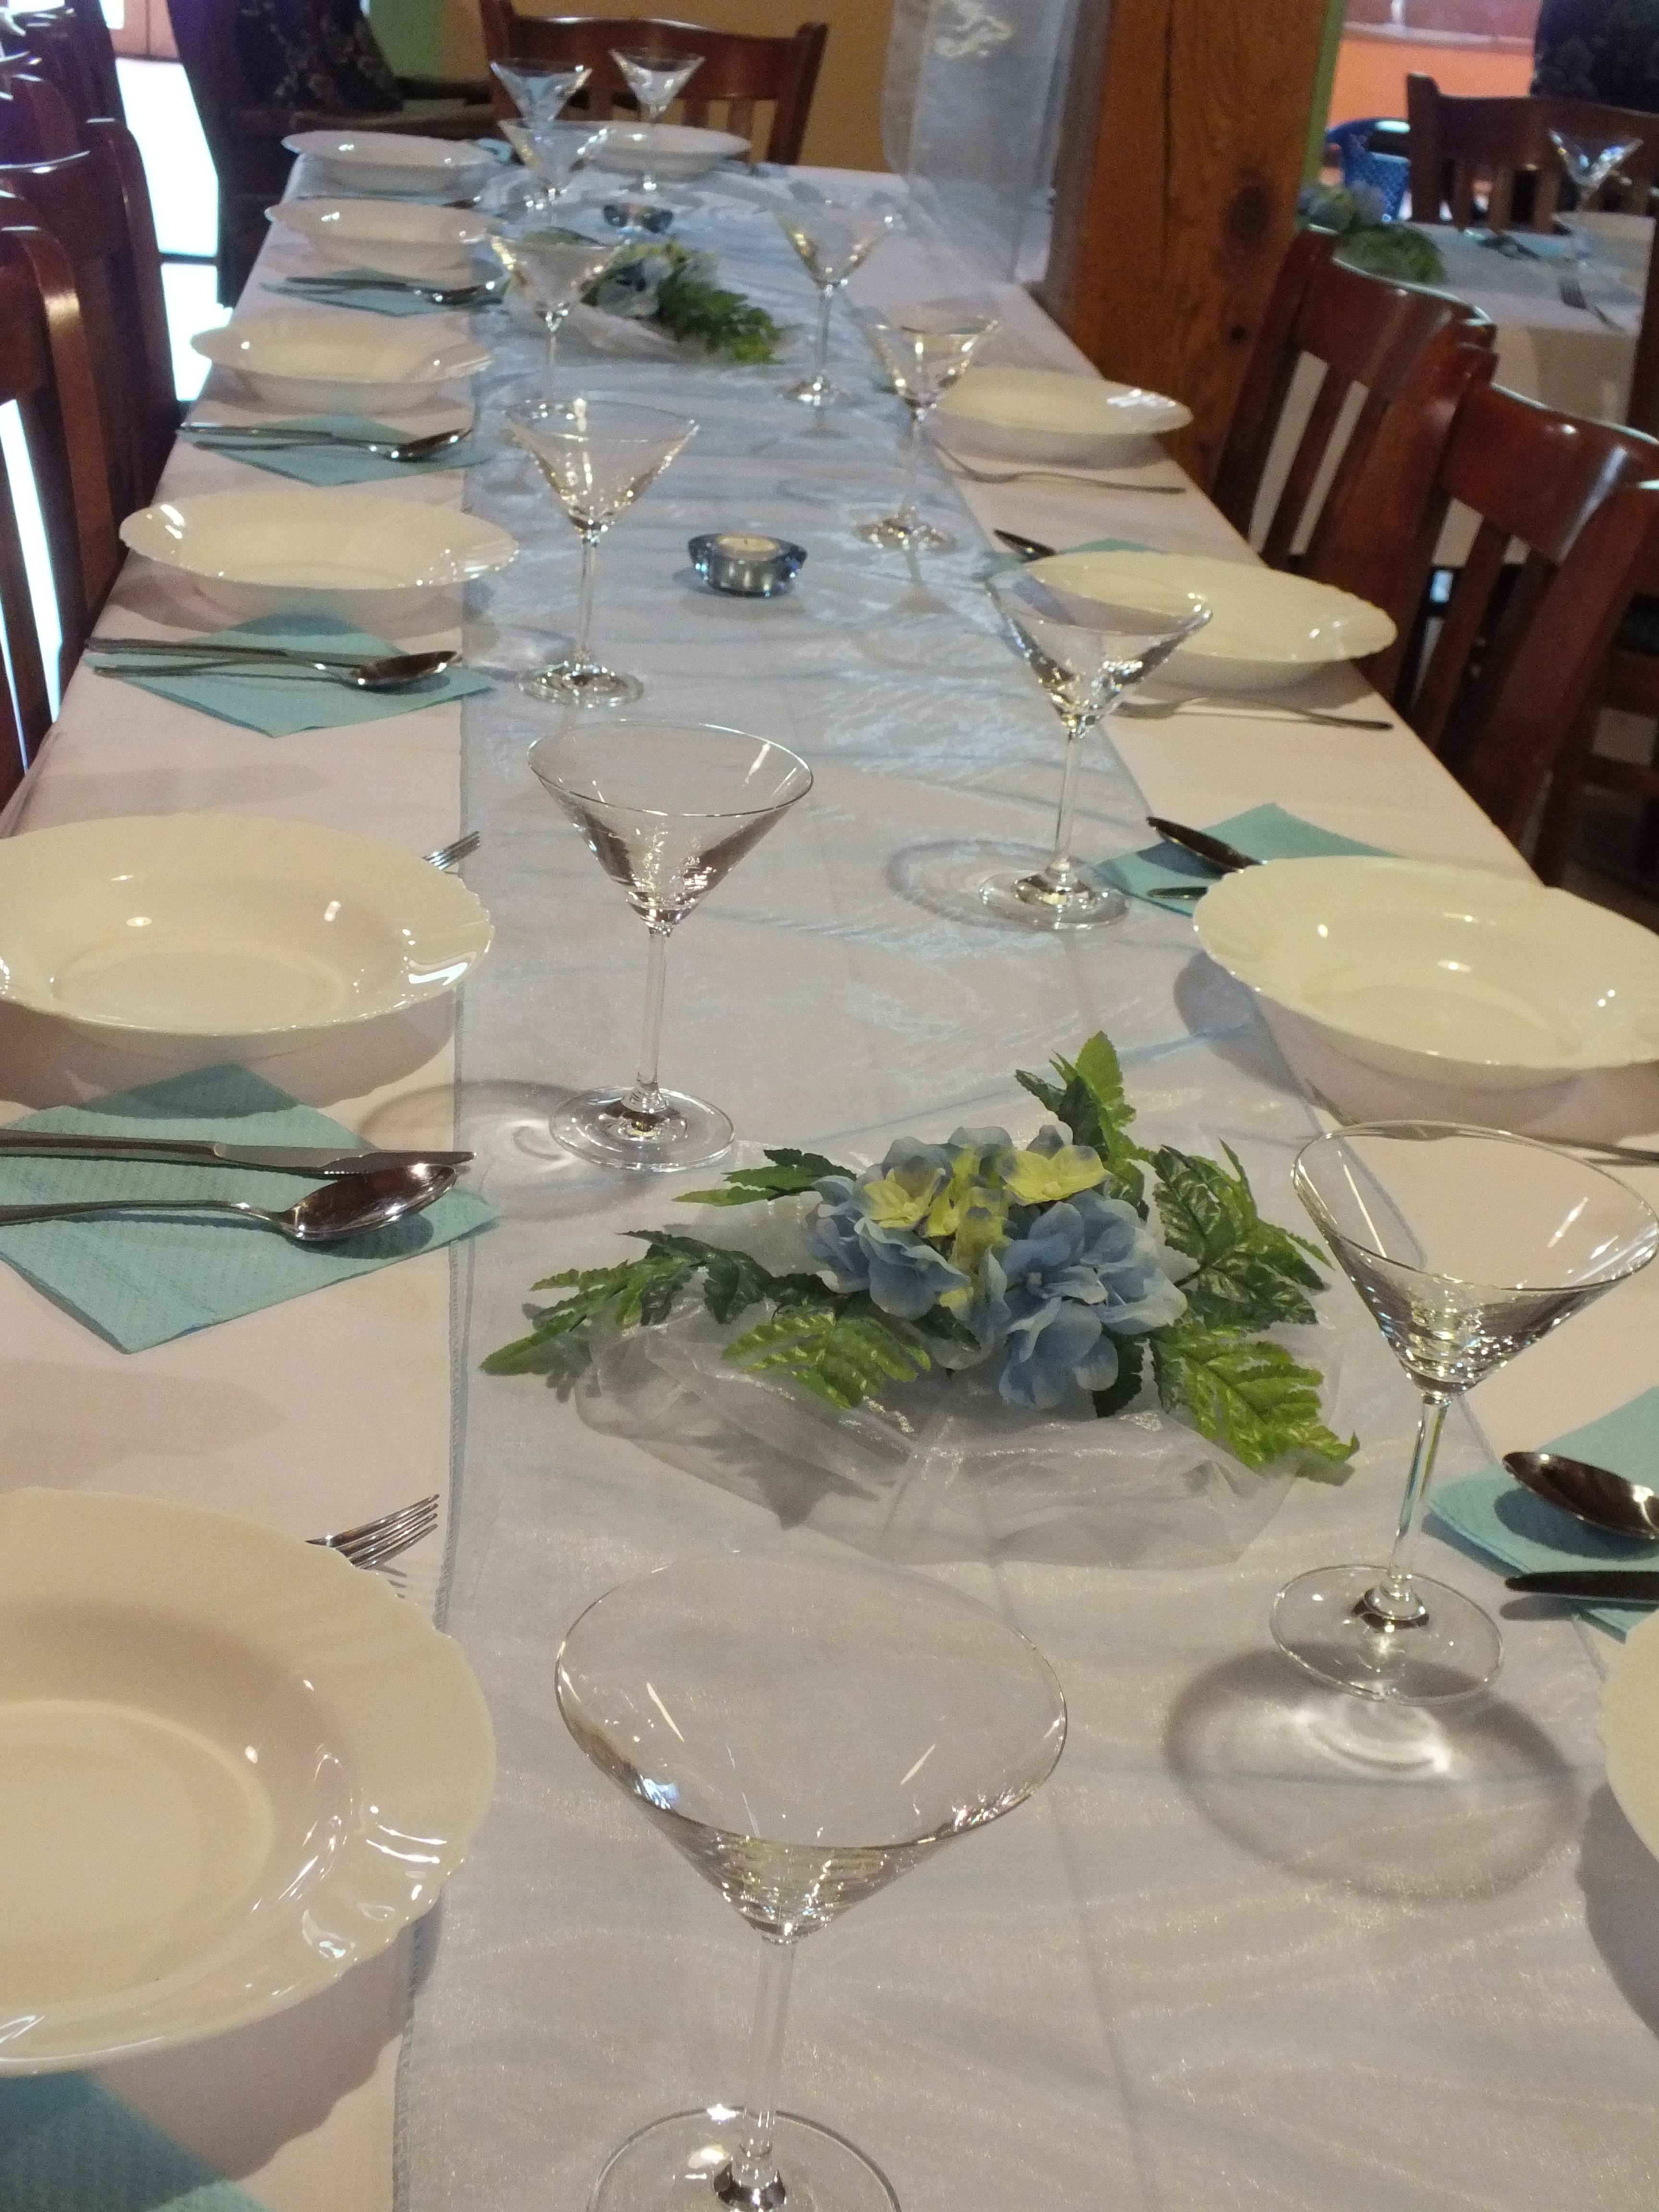 Chcete oslavovať? Chystáte firemné stretnutie, oslavu, alebo večierok? Radi Vám zabezpečíme jedlá, nápoje a kompletný stravovací servis v priestoroch nášho penziónu. Postaráme sa o Vás na: svadbách rodinných oslavách firemných stretnutiach posedeniach promóciach večierkoch karoch ďalších súkromných a pracovných príležitostiach i verejných akciách K dispozícií: Spoločenská miestnosť s kapacitou 48 osôb, denný bar, zimná terasa.